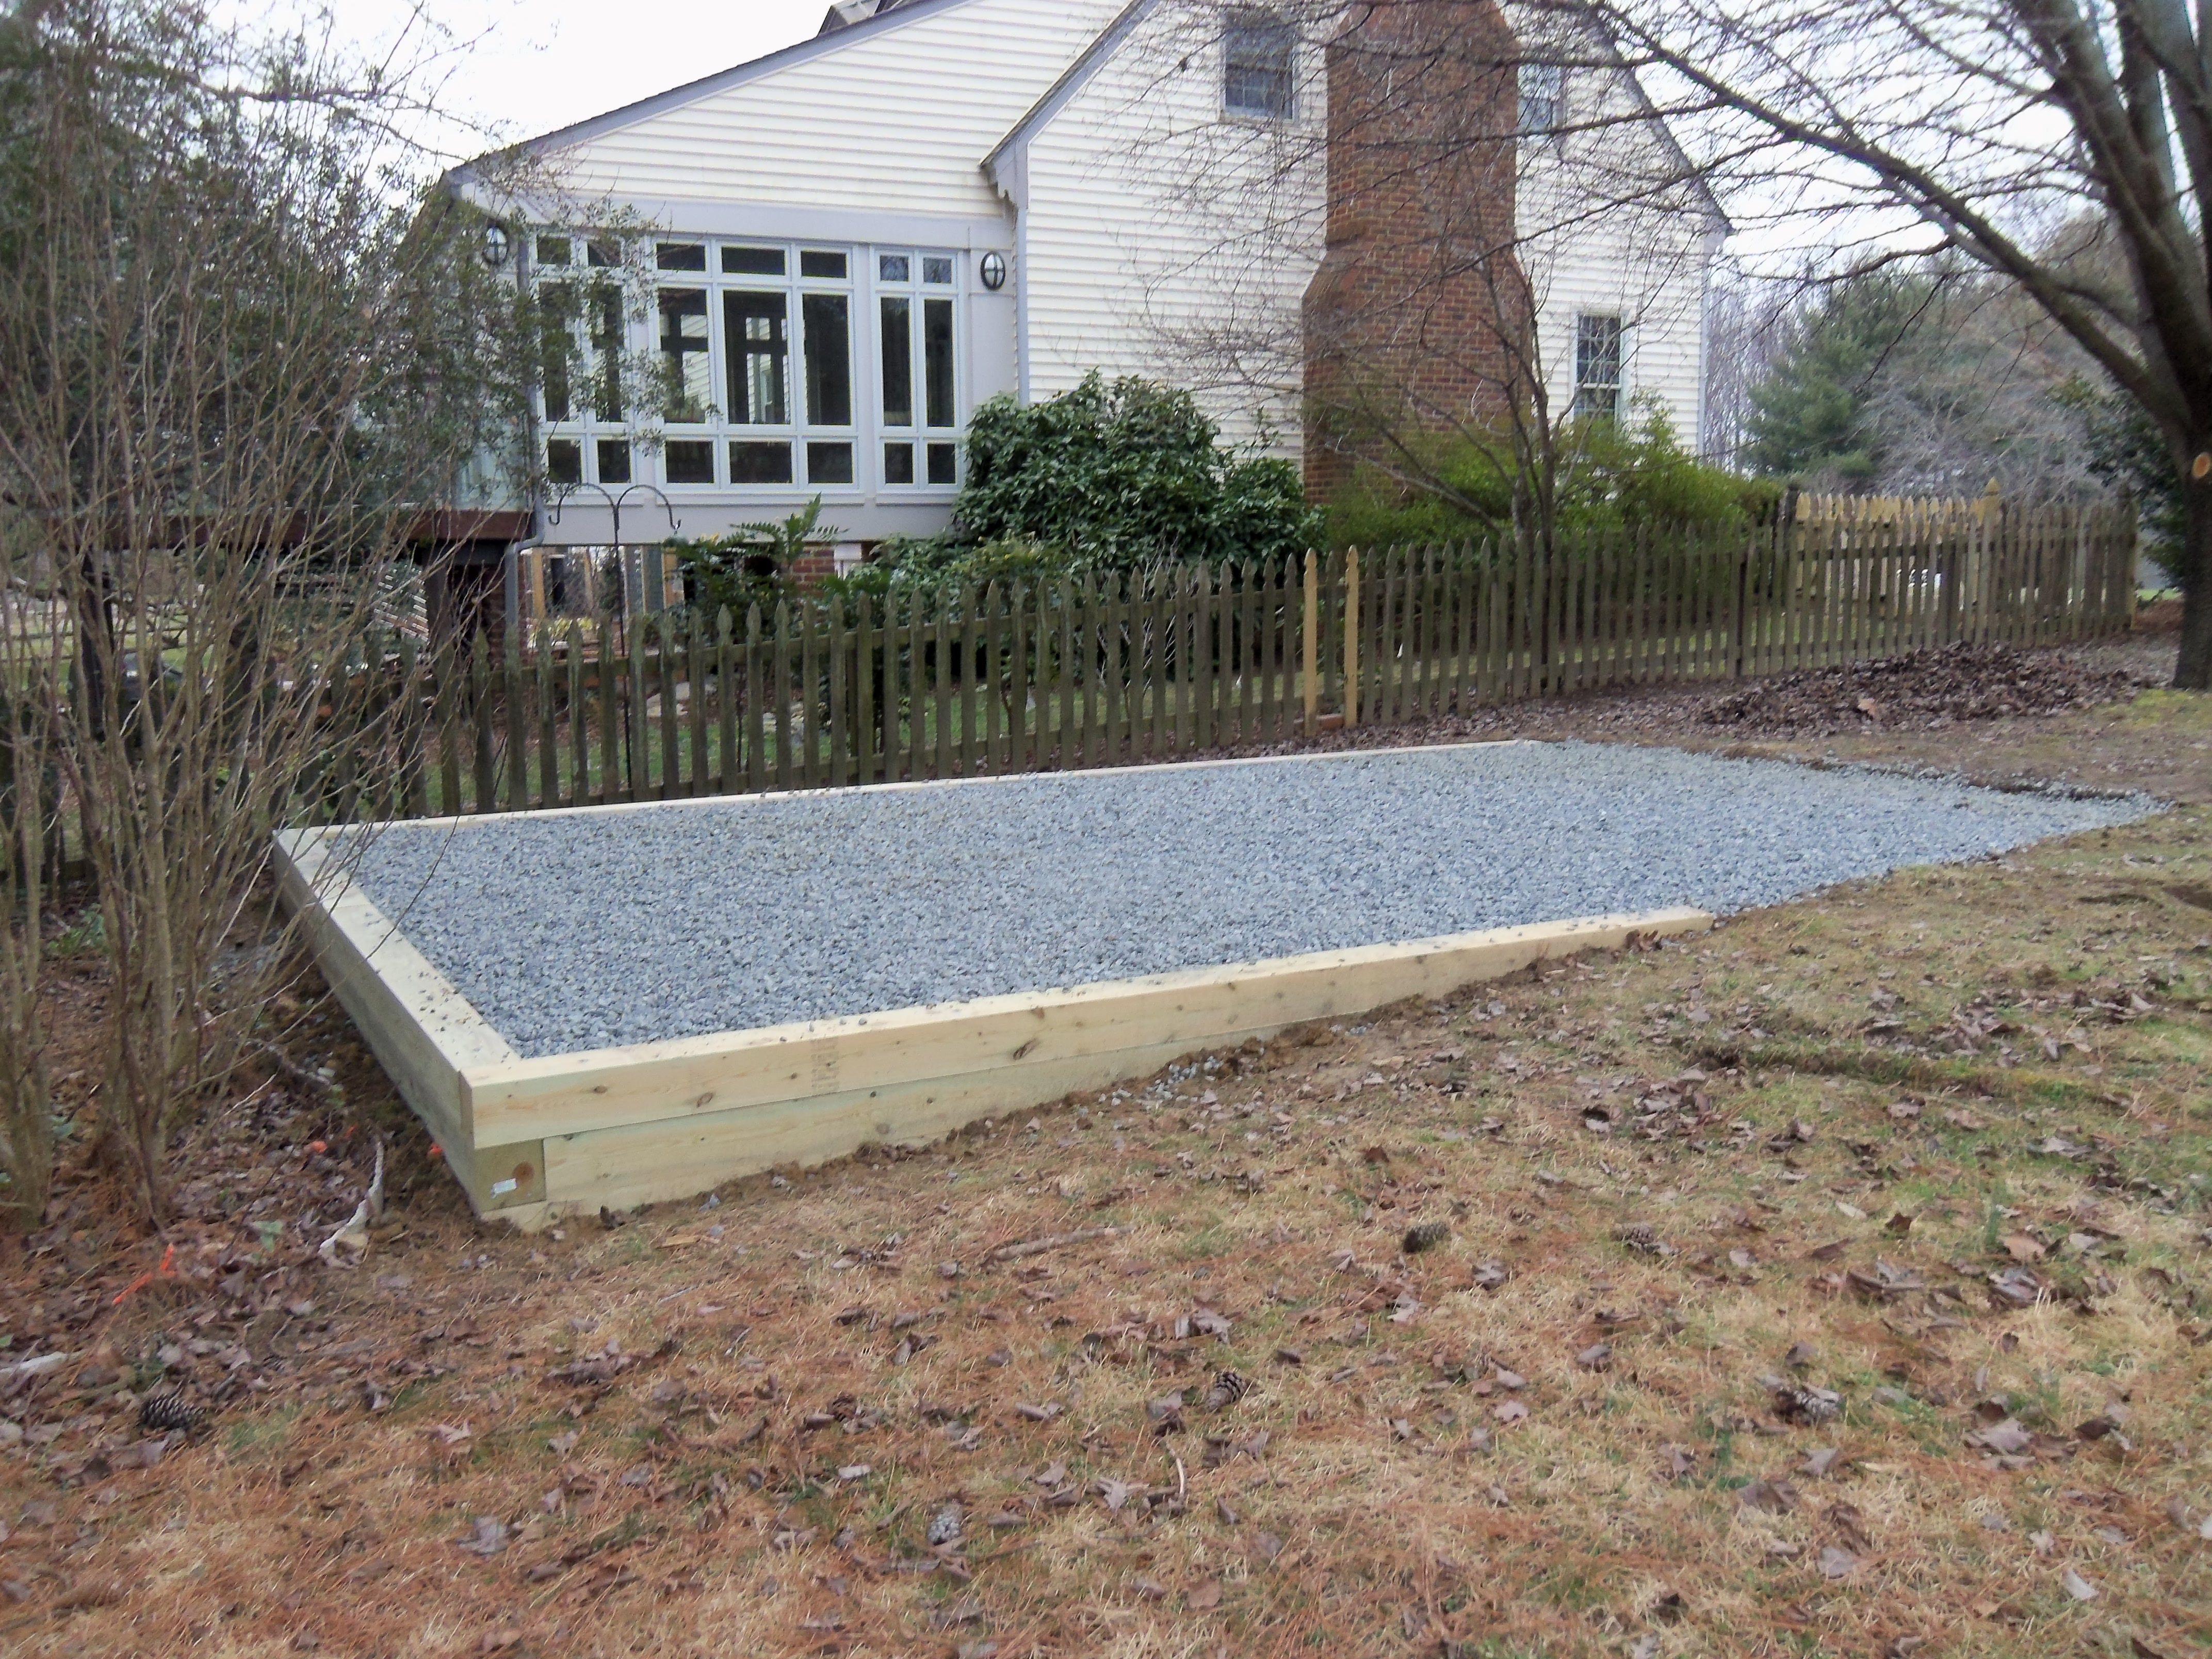 100 0120 Jpg 4 288 3 216 Pixels Garden Shed Floor Ideas Shed Base Building A Shed